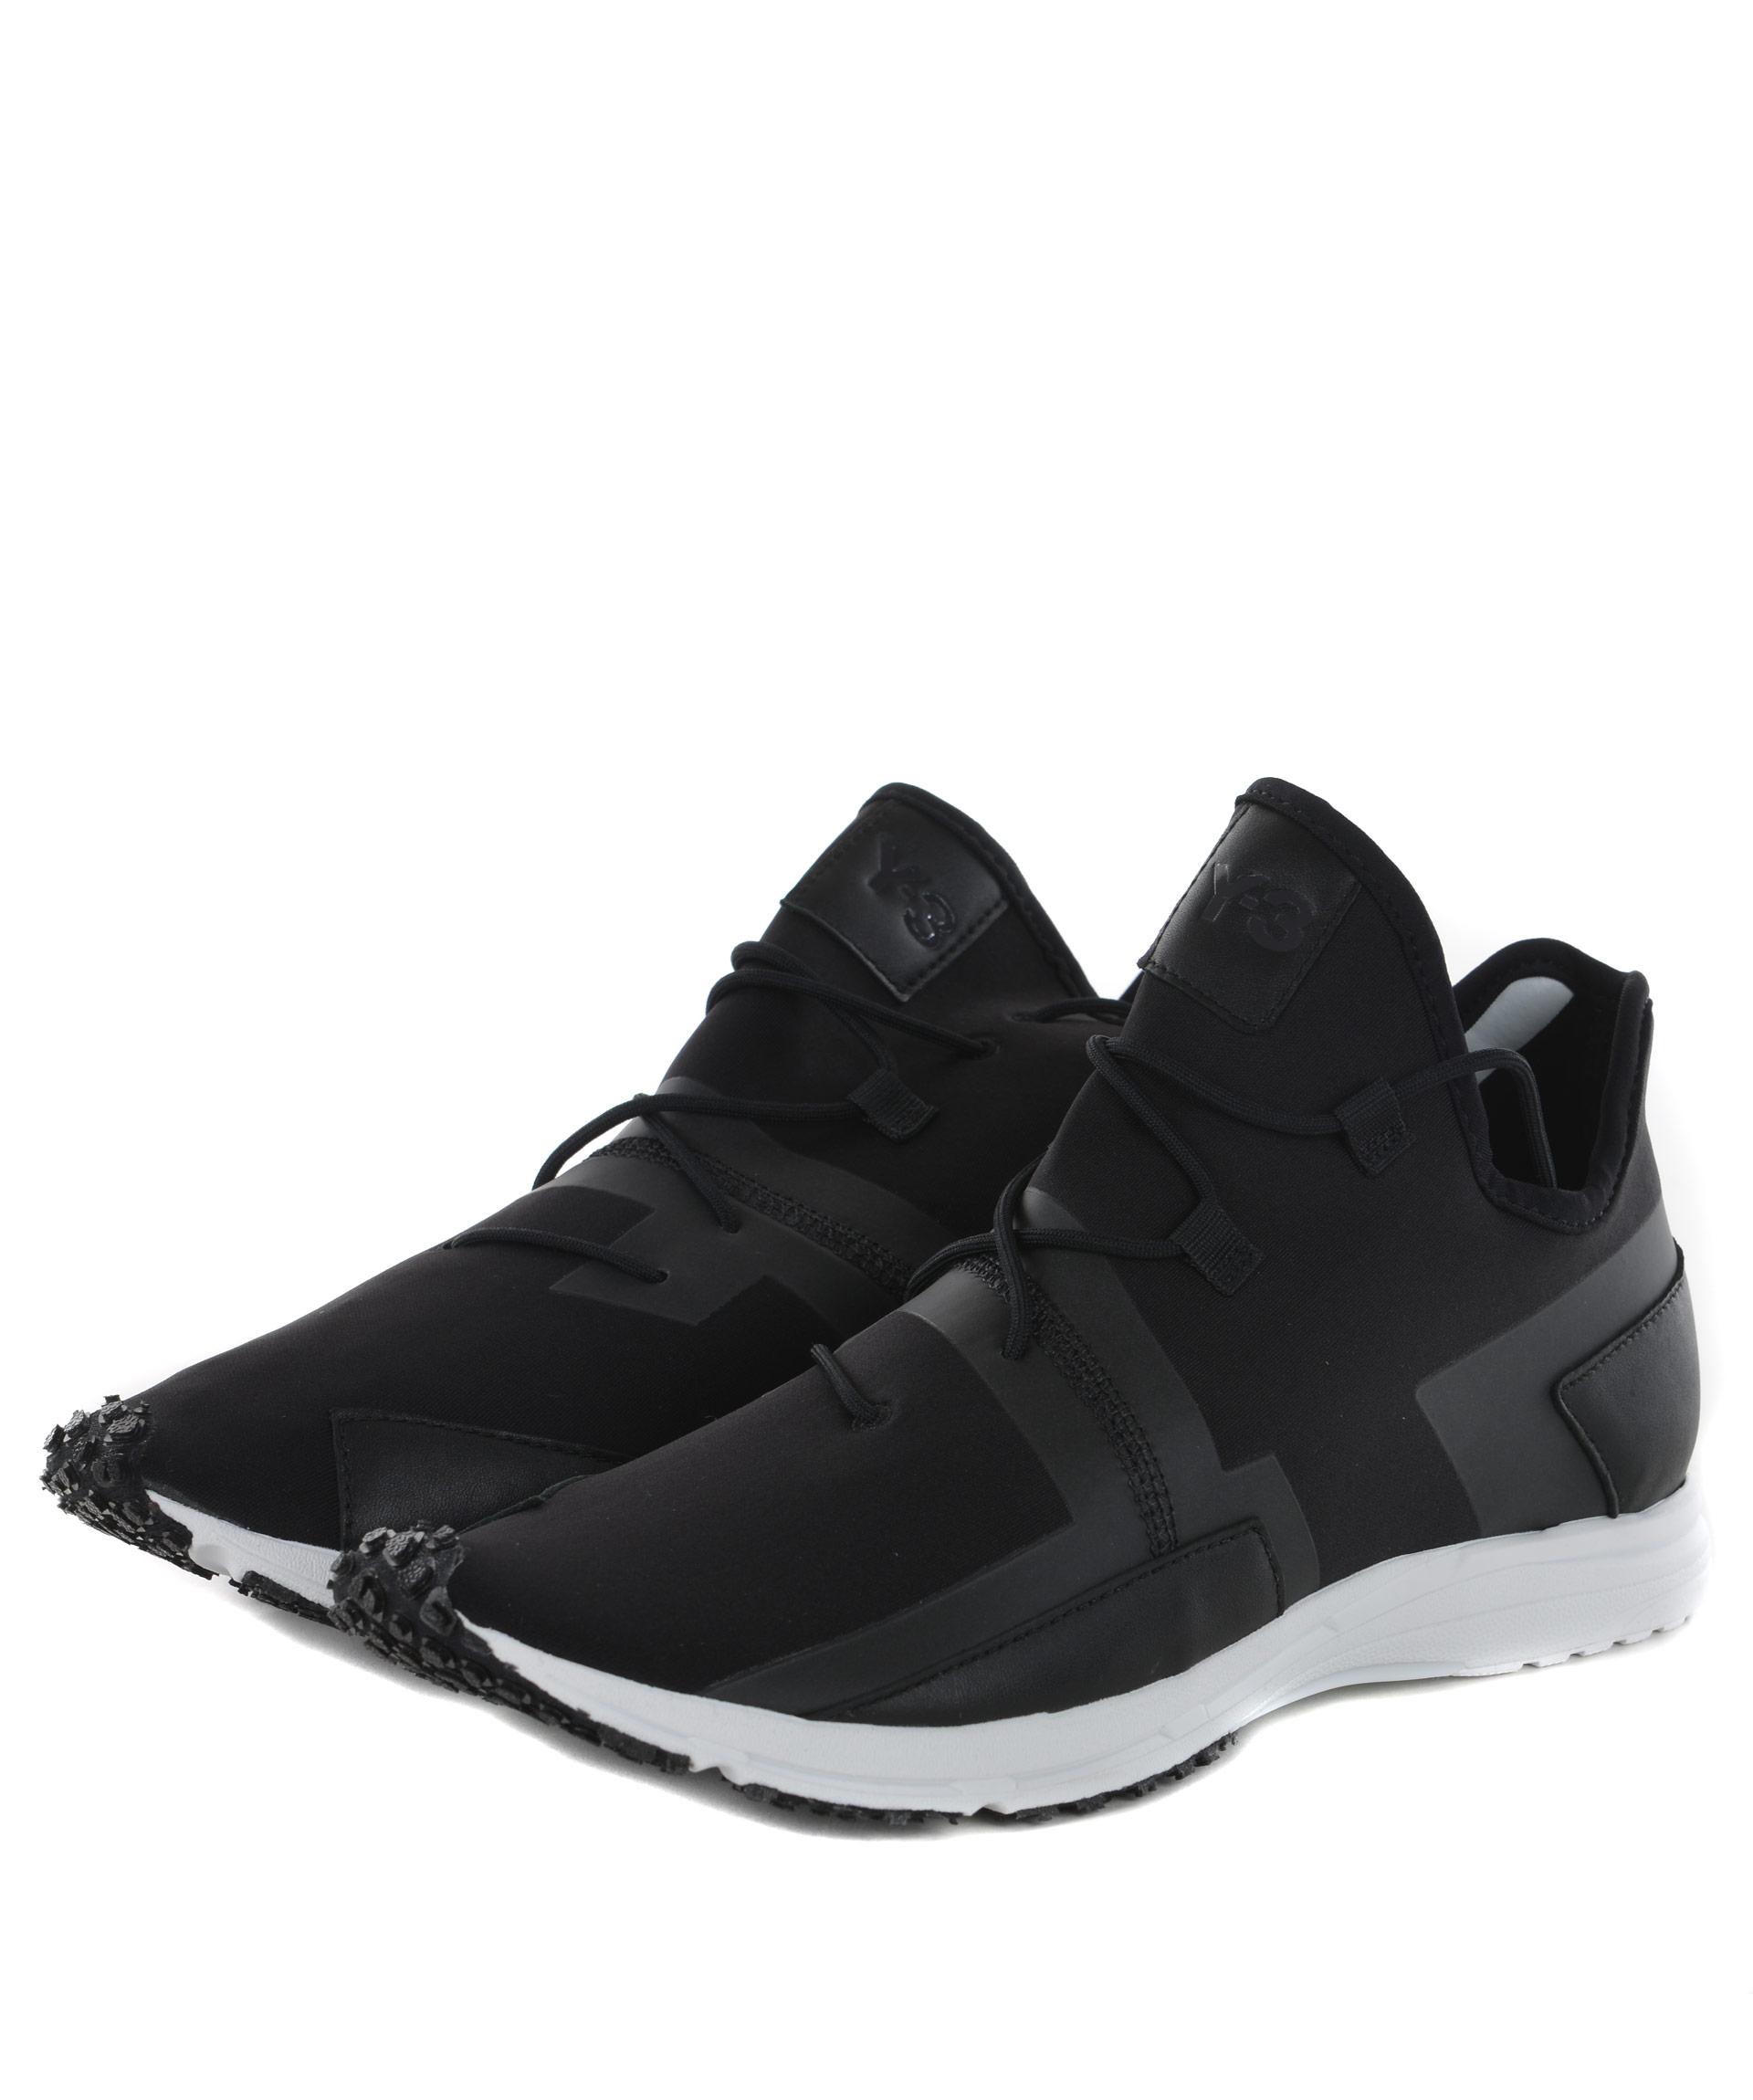 reputable site fa17e eb84a Sneakers uomo Y-3. Loading zoom